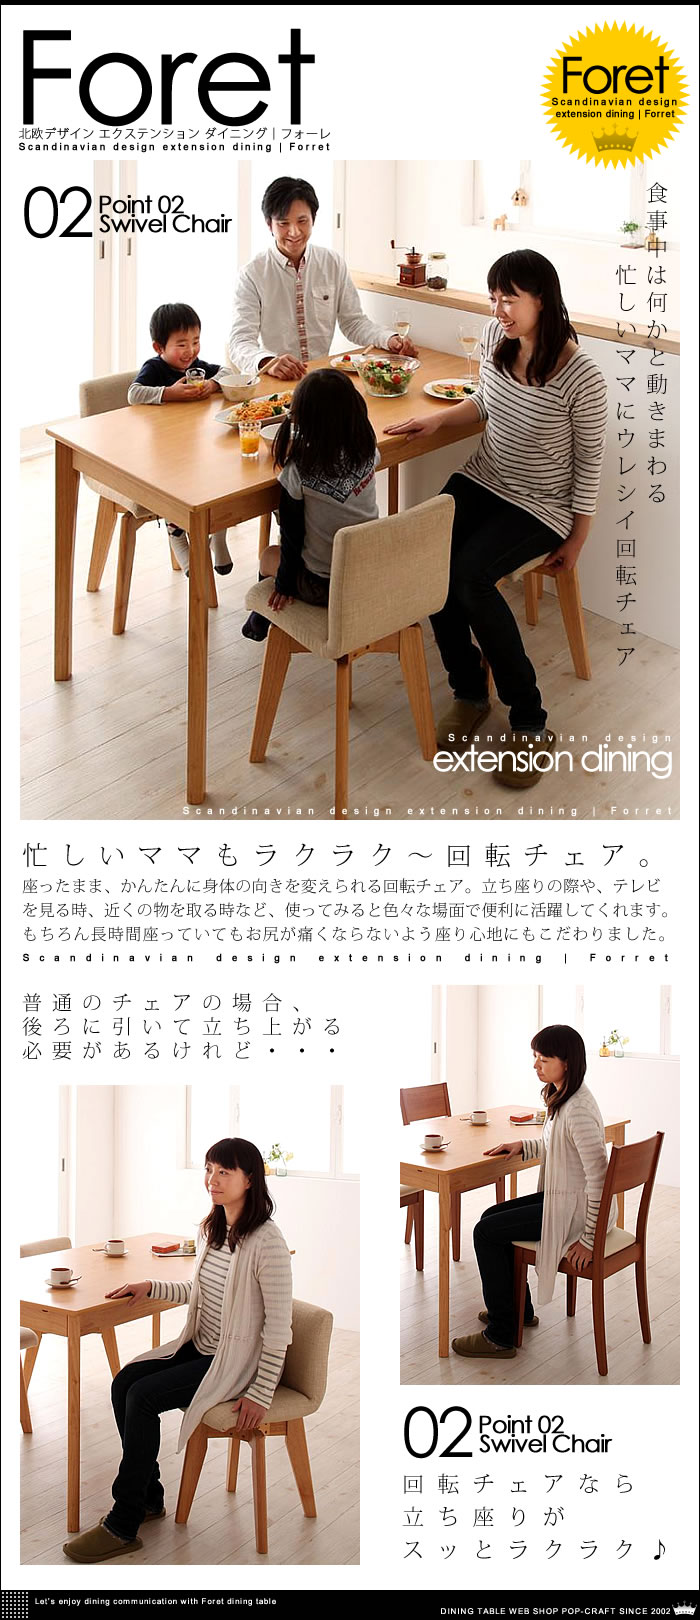 北欧デザイン 伸縮式 ダイニング【Foret】フォーレ(6)